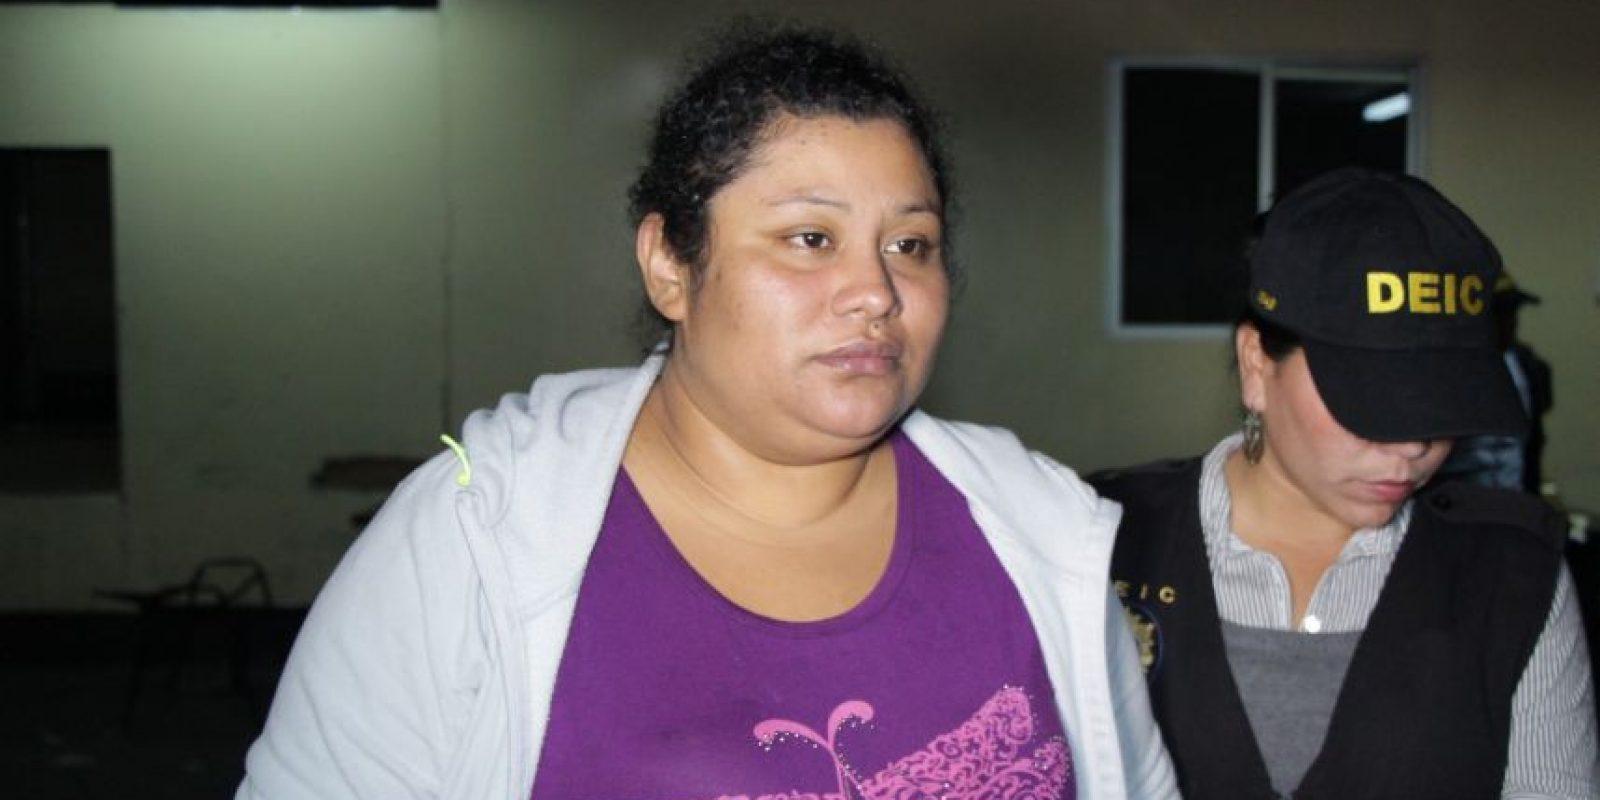 La nicaragüense Kenia Del Socorro Sánchez Ruiz, de 27 años. Foto:PNC